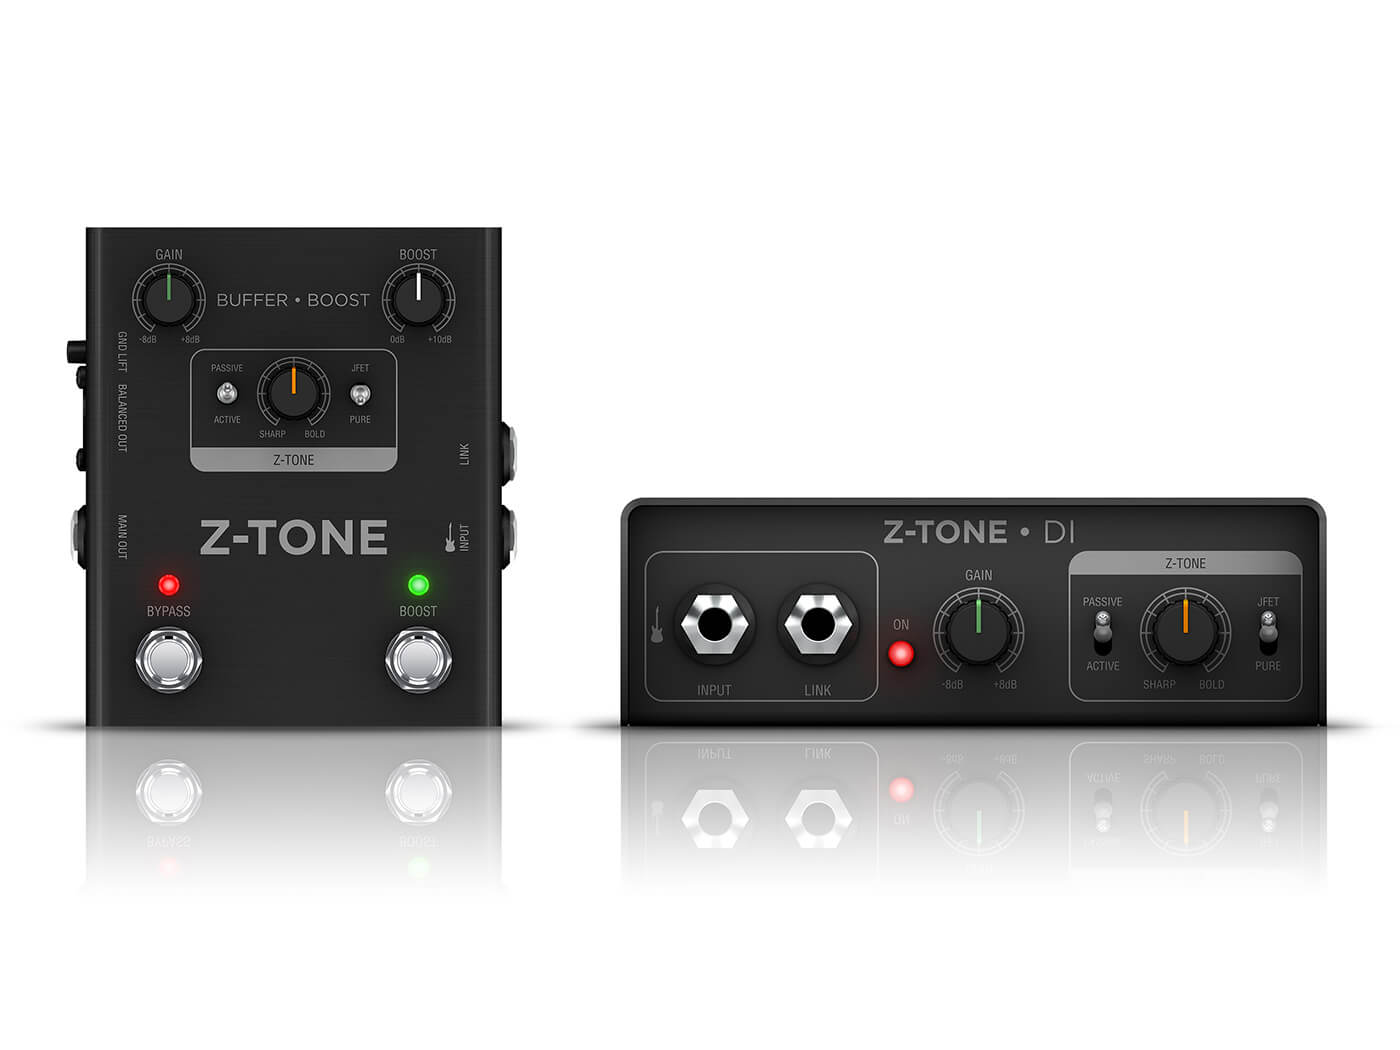 IK Multimedia Z-Tone Buffer Boost & DI